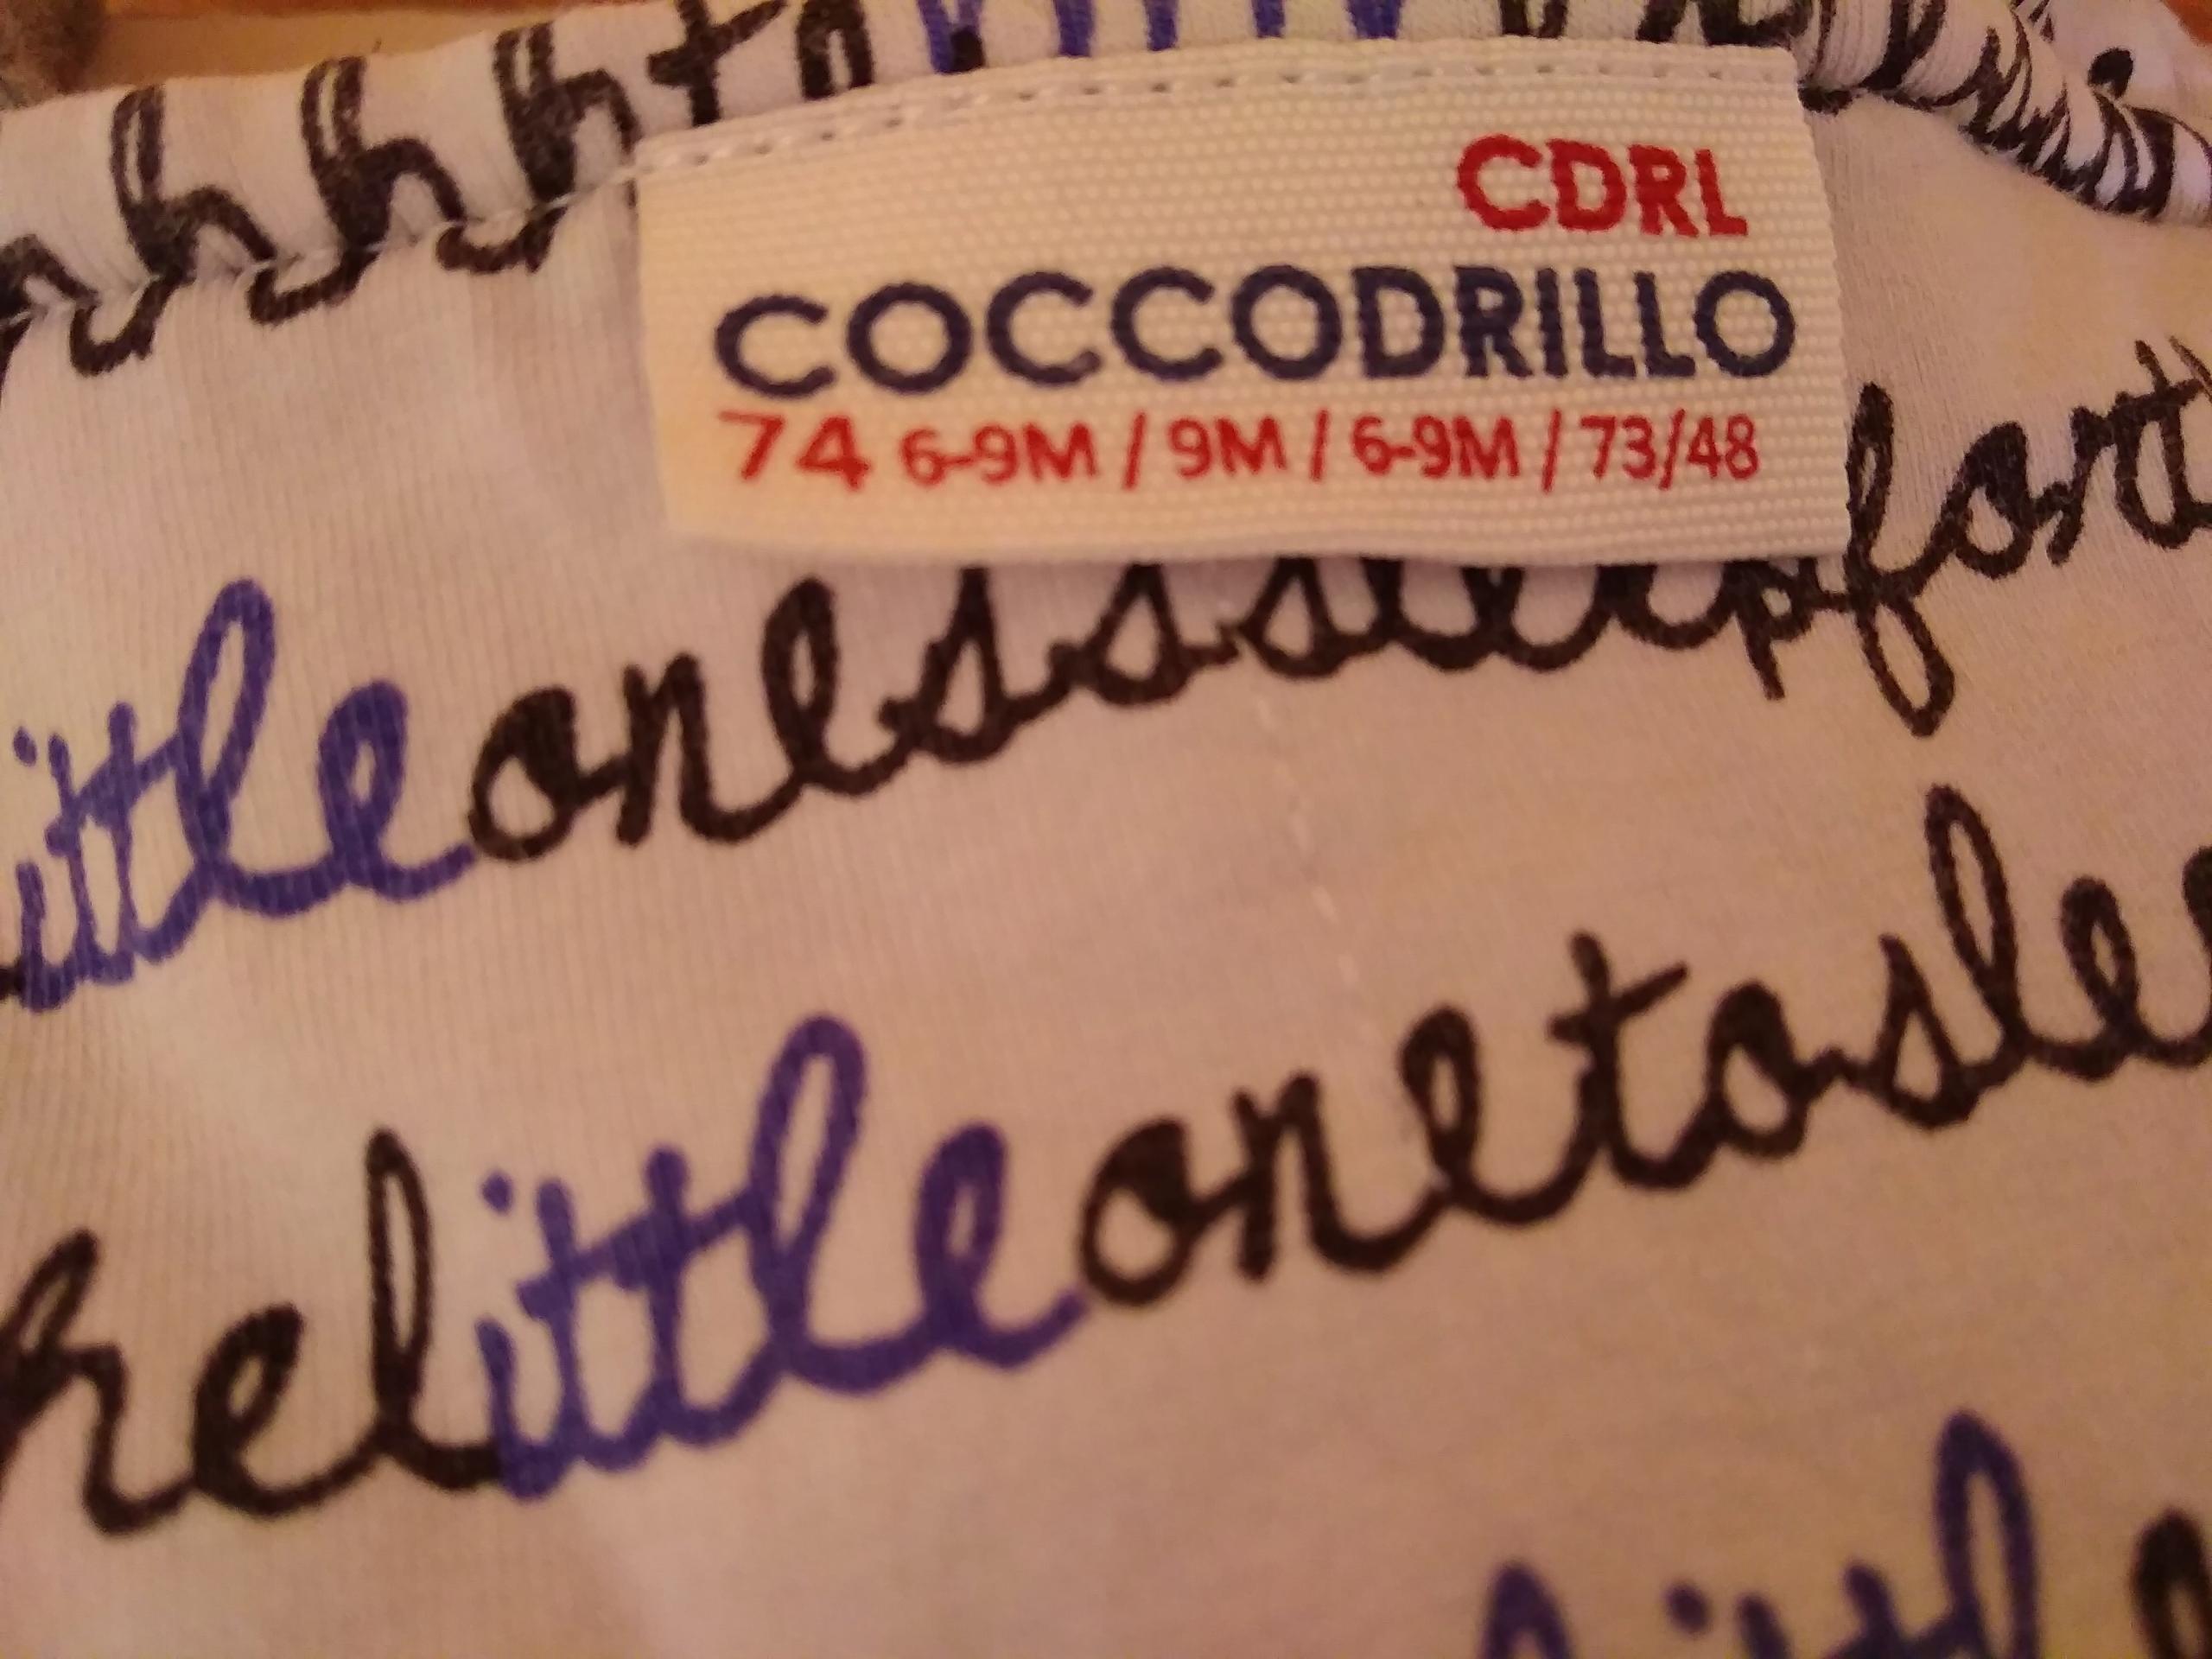 ciepły komplet bluza spodnie cocodrilo 74 6-9 msc